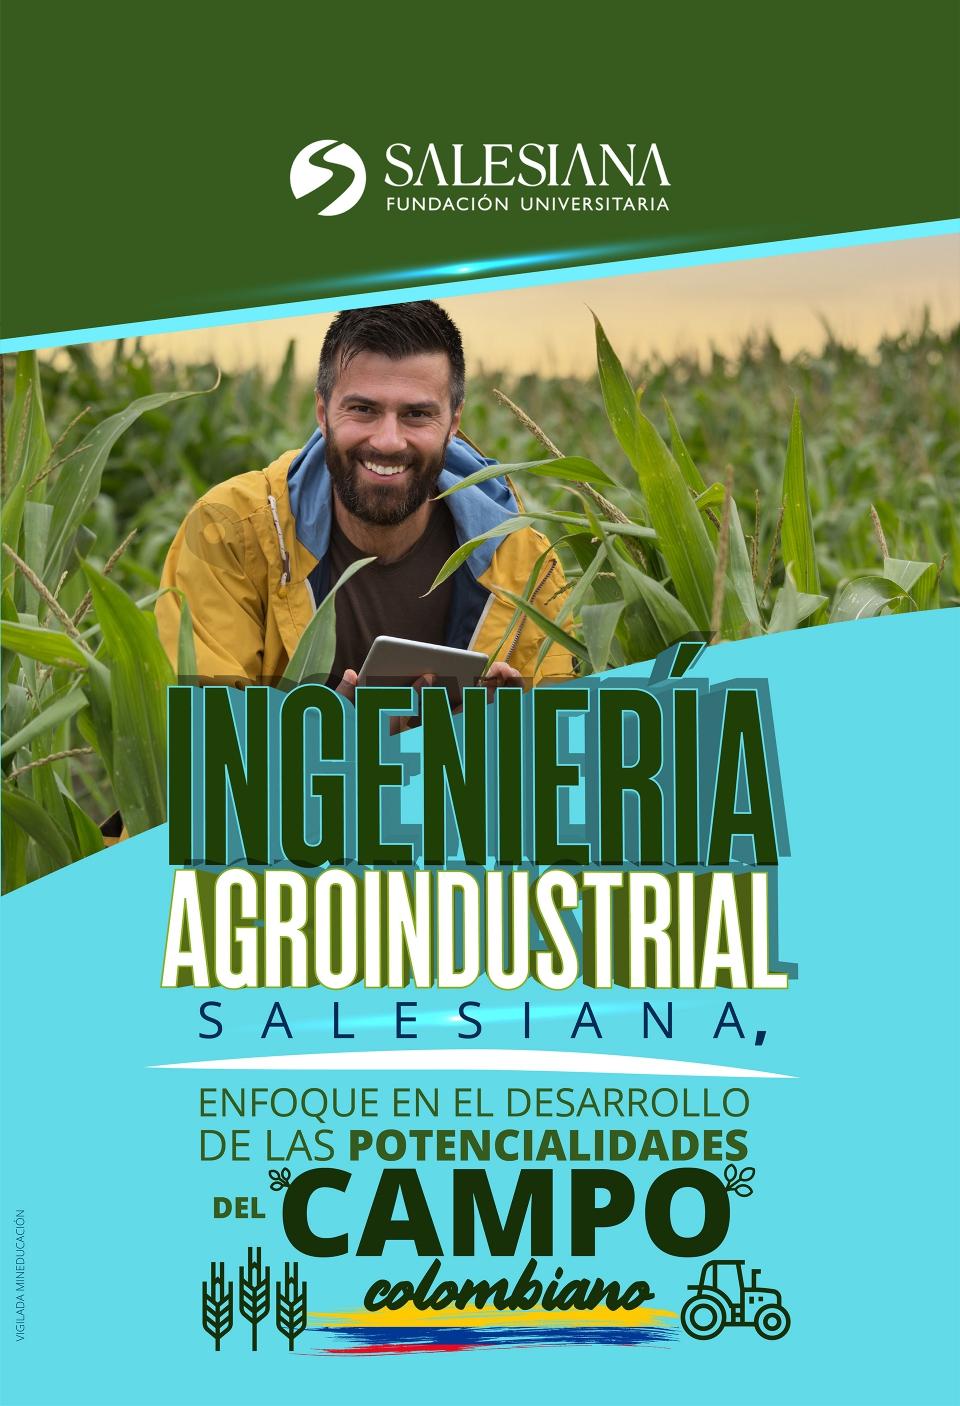 La agro industria: Un sector desaprovechado en materia de educación